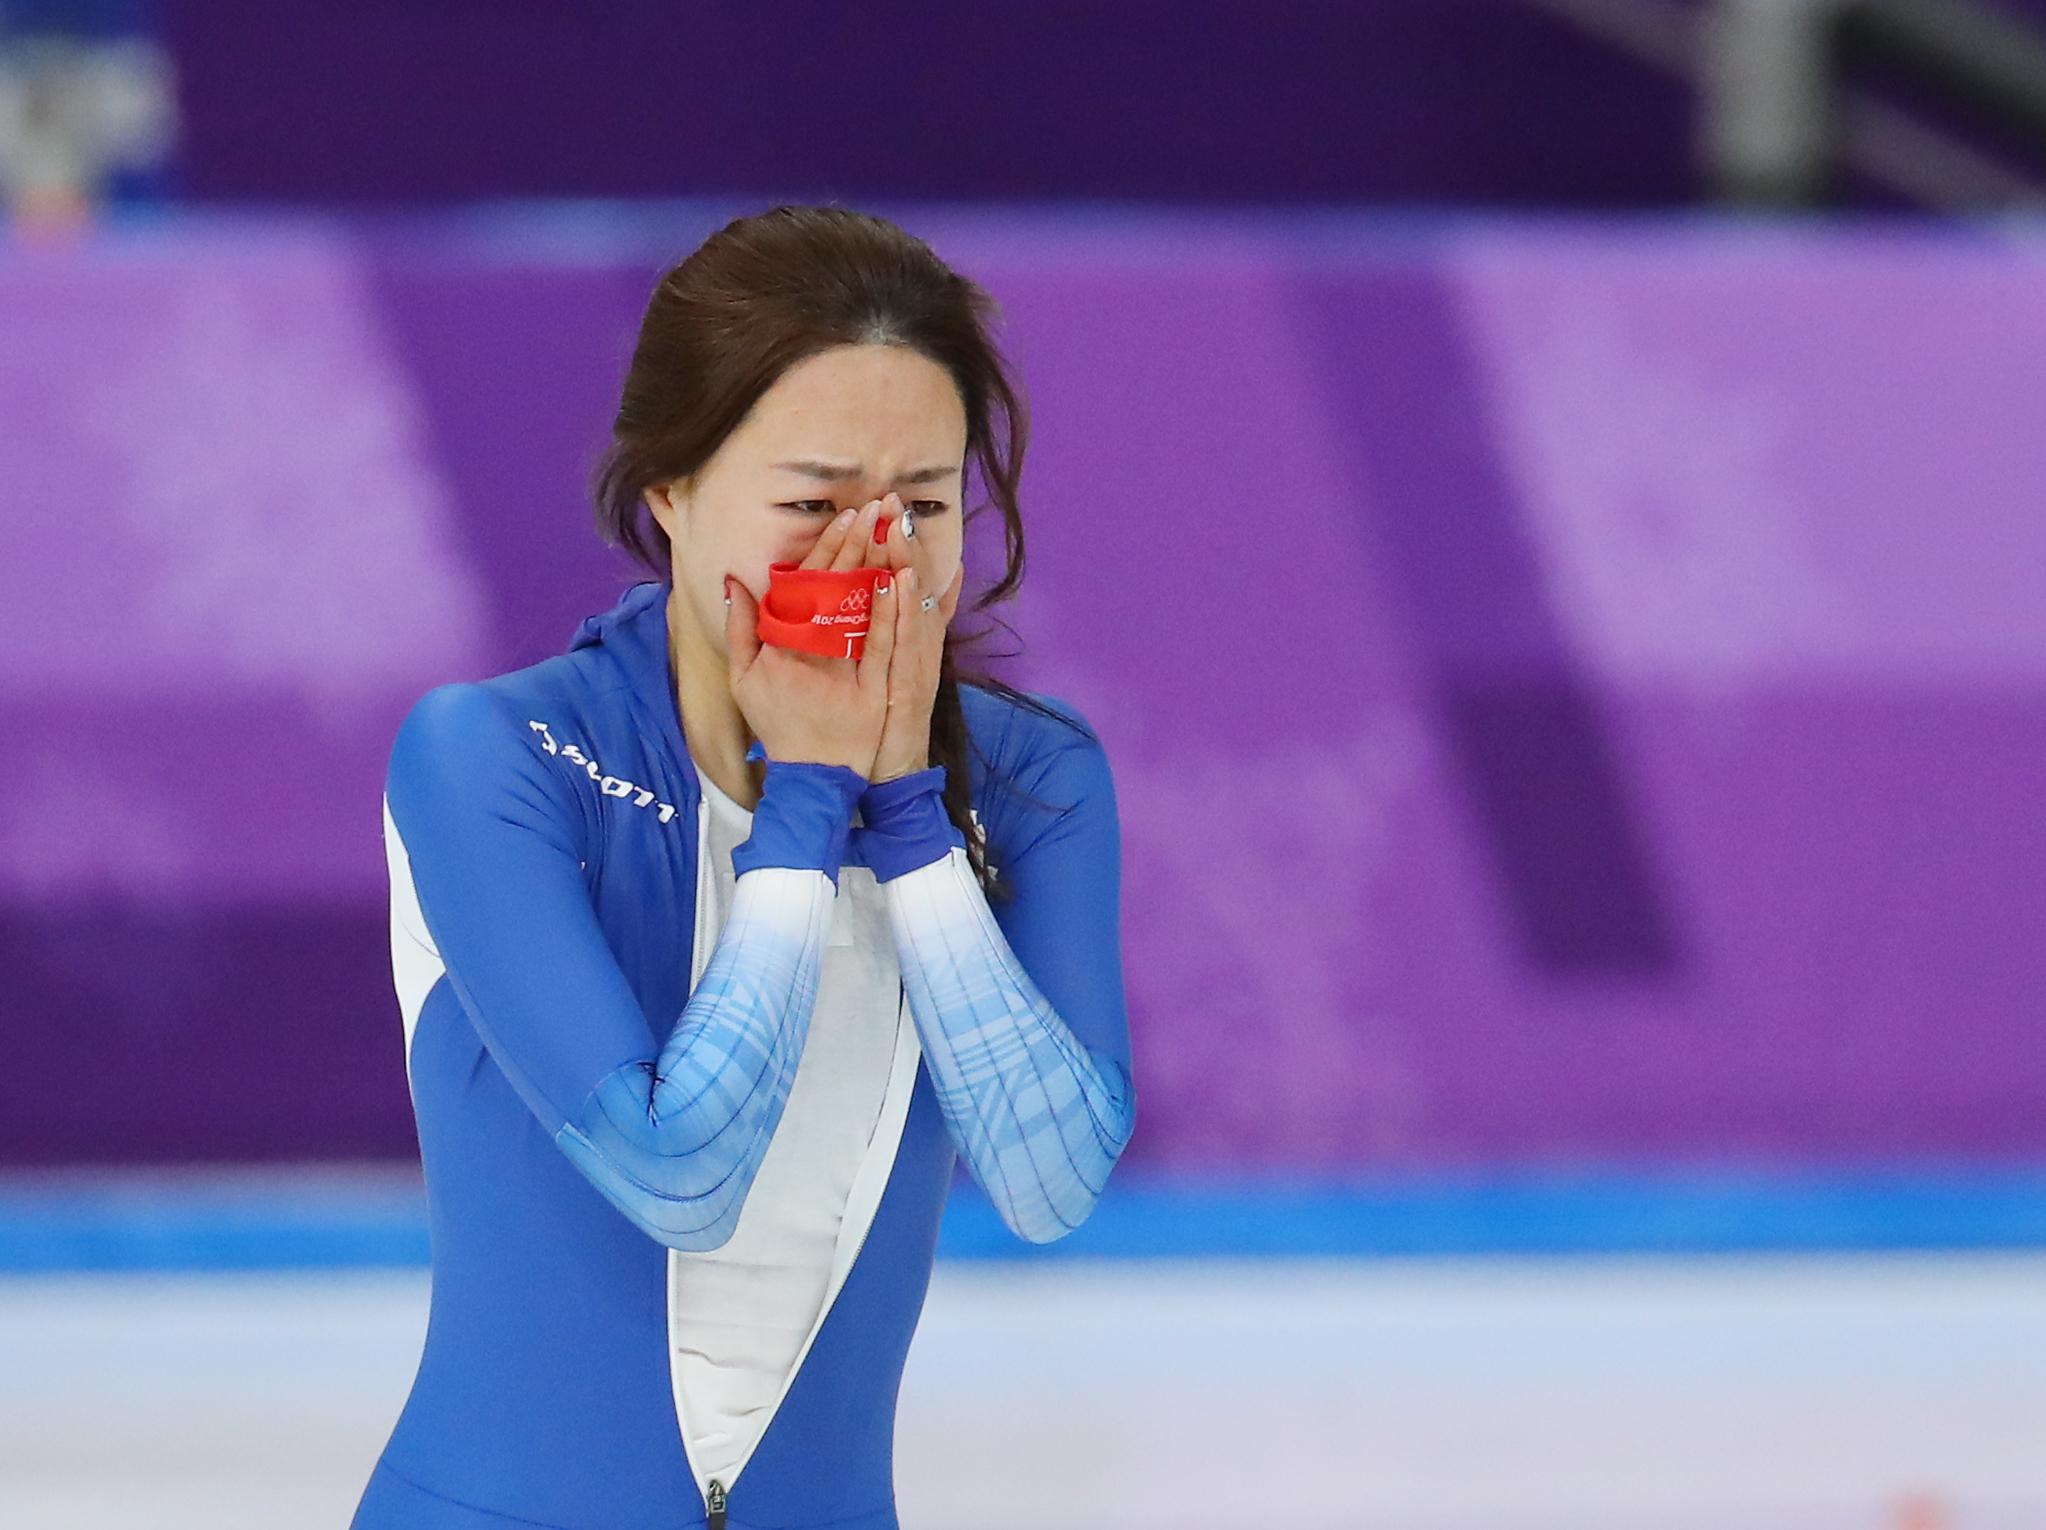 올림픽 3연패에 도전하는 '빙속여제' 이상화가 18일 오후 강원 강릉스피드스케이팅경기장에서 열린 2018 평창올림픽 스피드스케이팅 여자 500m 경기를 마치고 눈물을 흘리고 있다. [연합뉴스]